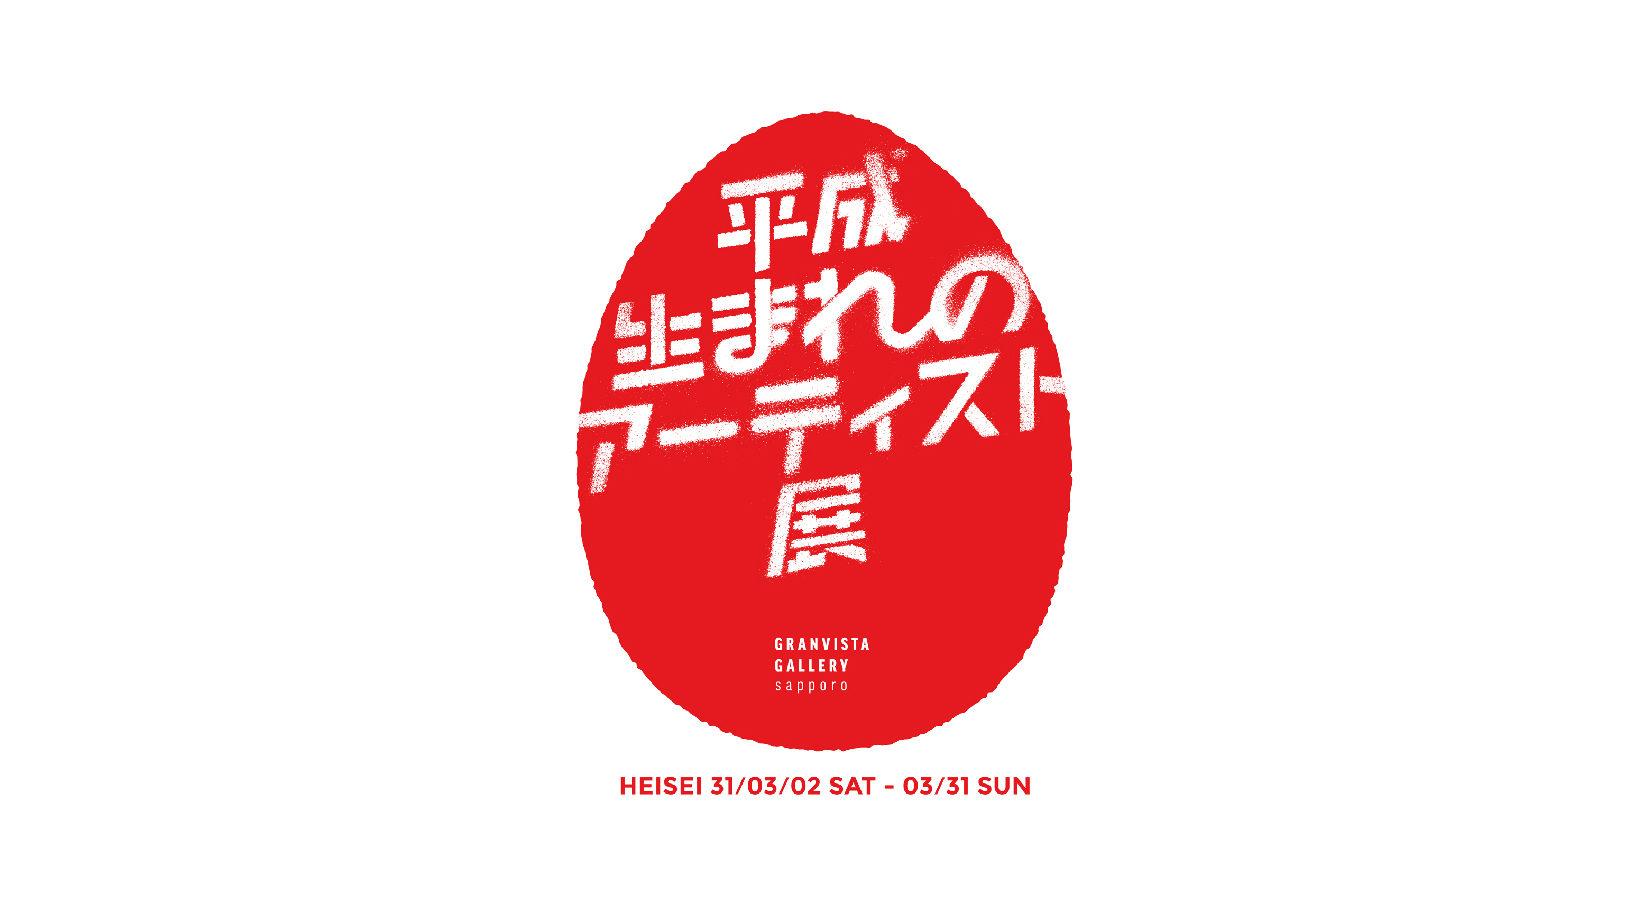 平成生まれのアーティスト展